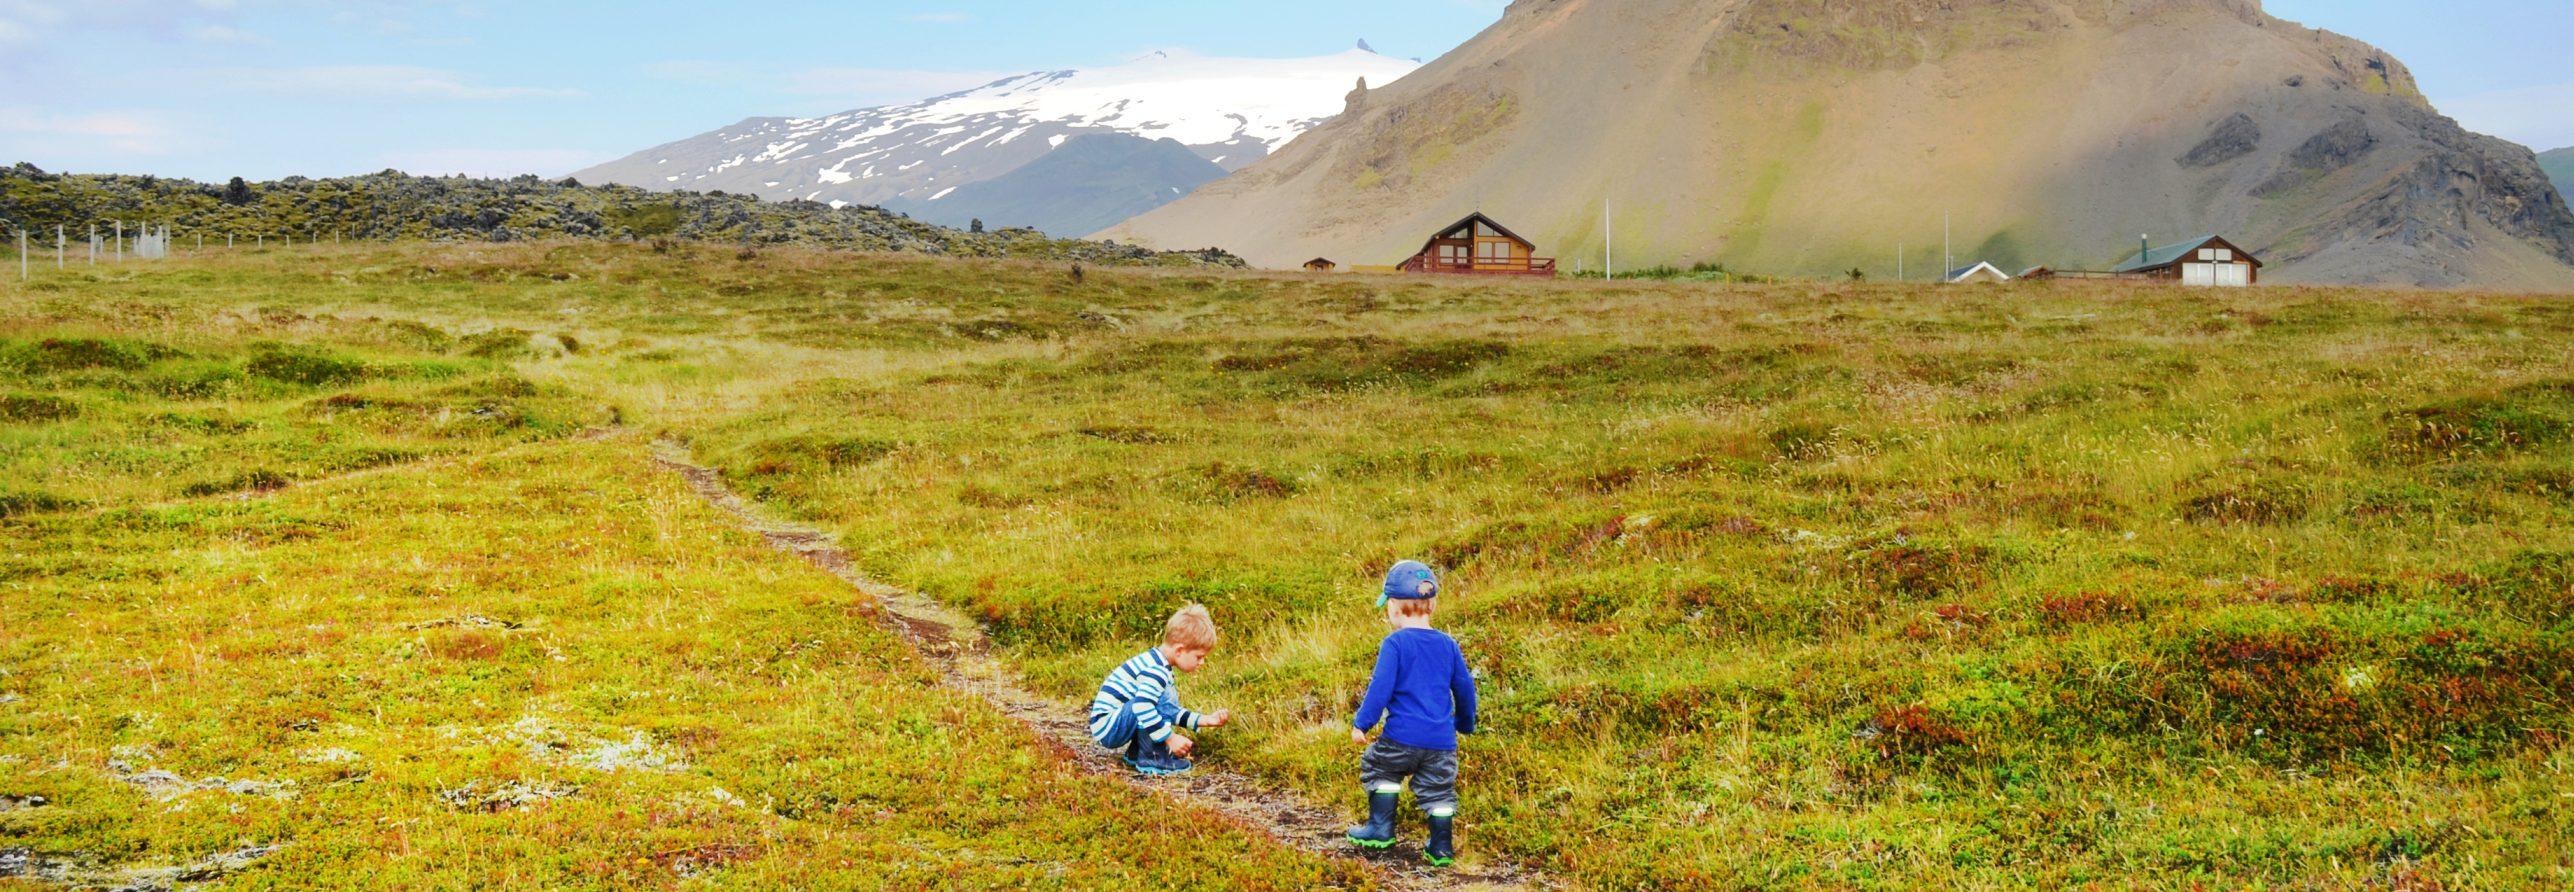 Kinder suchen Blaubeeren